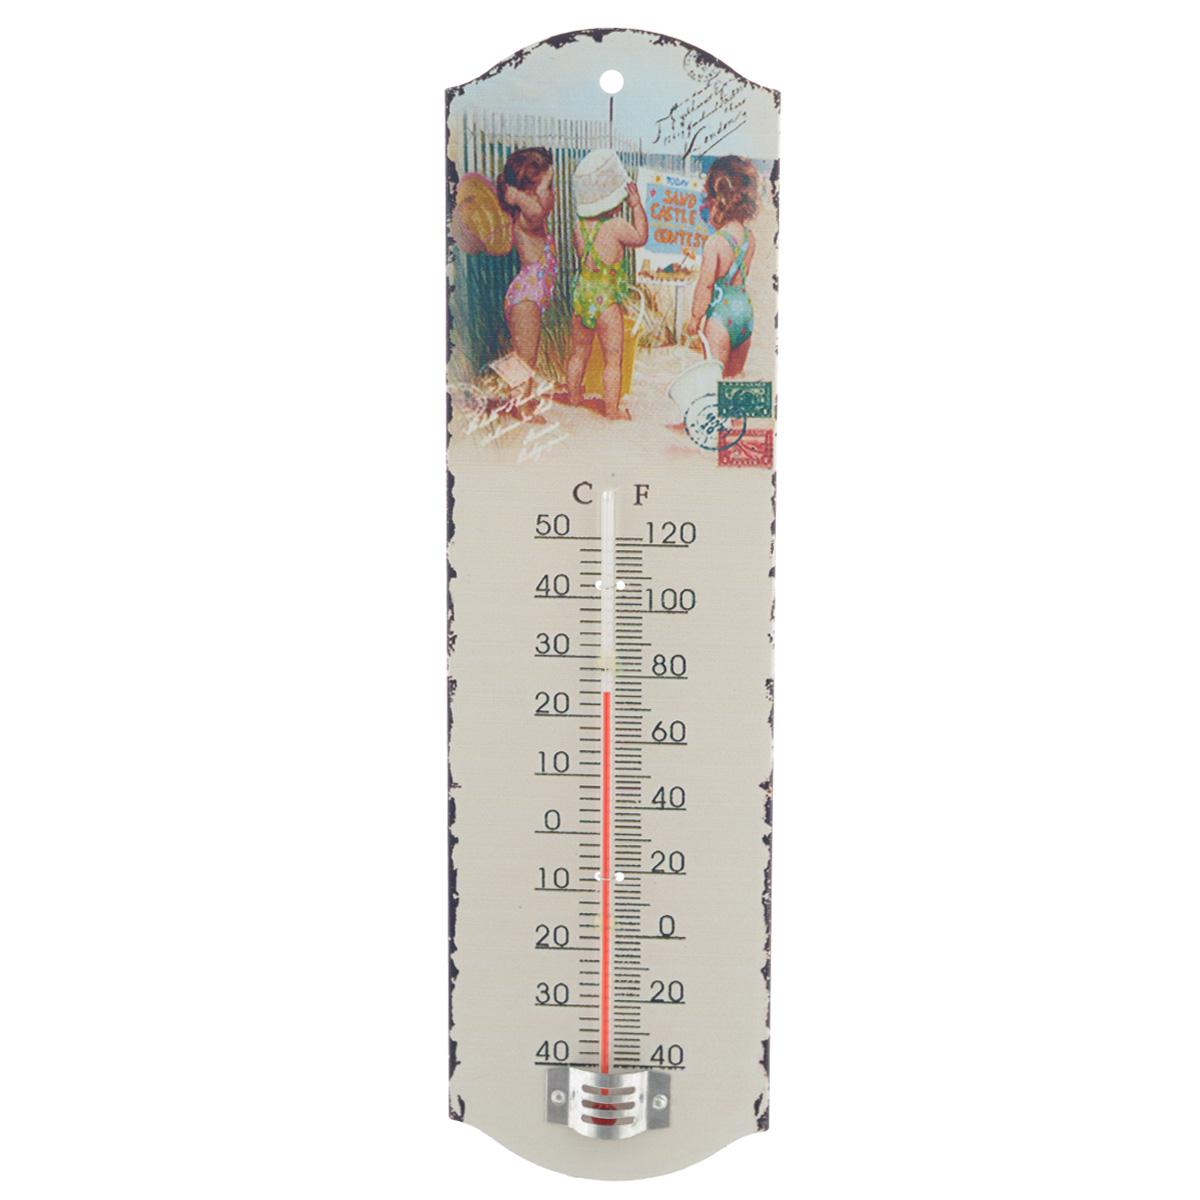 Термометр декоративный Феникс-презент, комнатный. 3374733747Комнатный термометр Феникс-презент, изготовленный из металла и стекла, декорирован изображением детей на пляже. Термометр имеет шкалу измерения температуры по Цельсию (-40°С - +50°С) и по Фаренгейту (-40°F - +120°F). Благодаря такому термометру вы всегда будете точно знать, насколько тепло в помещении. Изделие оснащено специальным отверстием для подвешивания. Оригинальный дизайн не оставит равнодушным никого. Термометр удачно впишется в обстановку жилого помещения, гаража или беседки. Кроме того, это актуальный подарок для человека с хорошим вкусом. Высота градусника: 14,5 см.